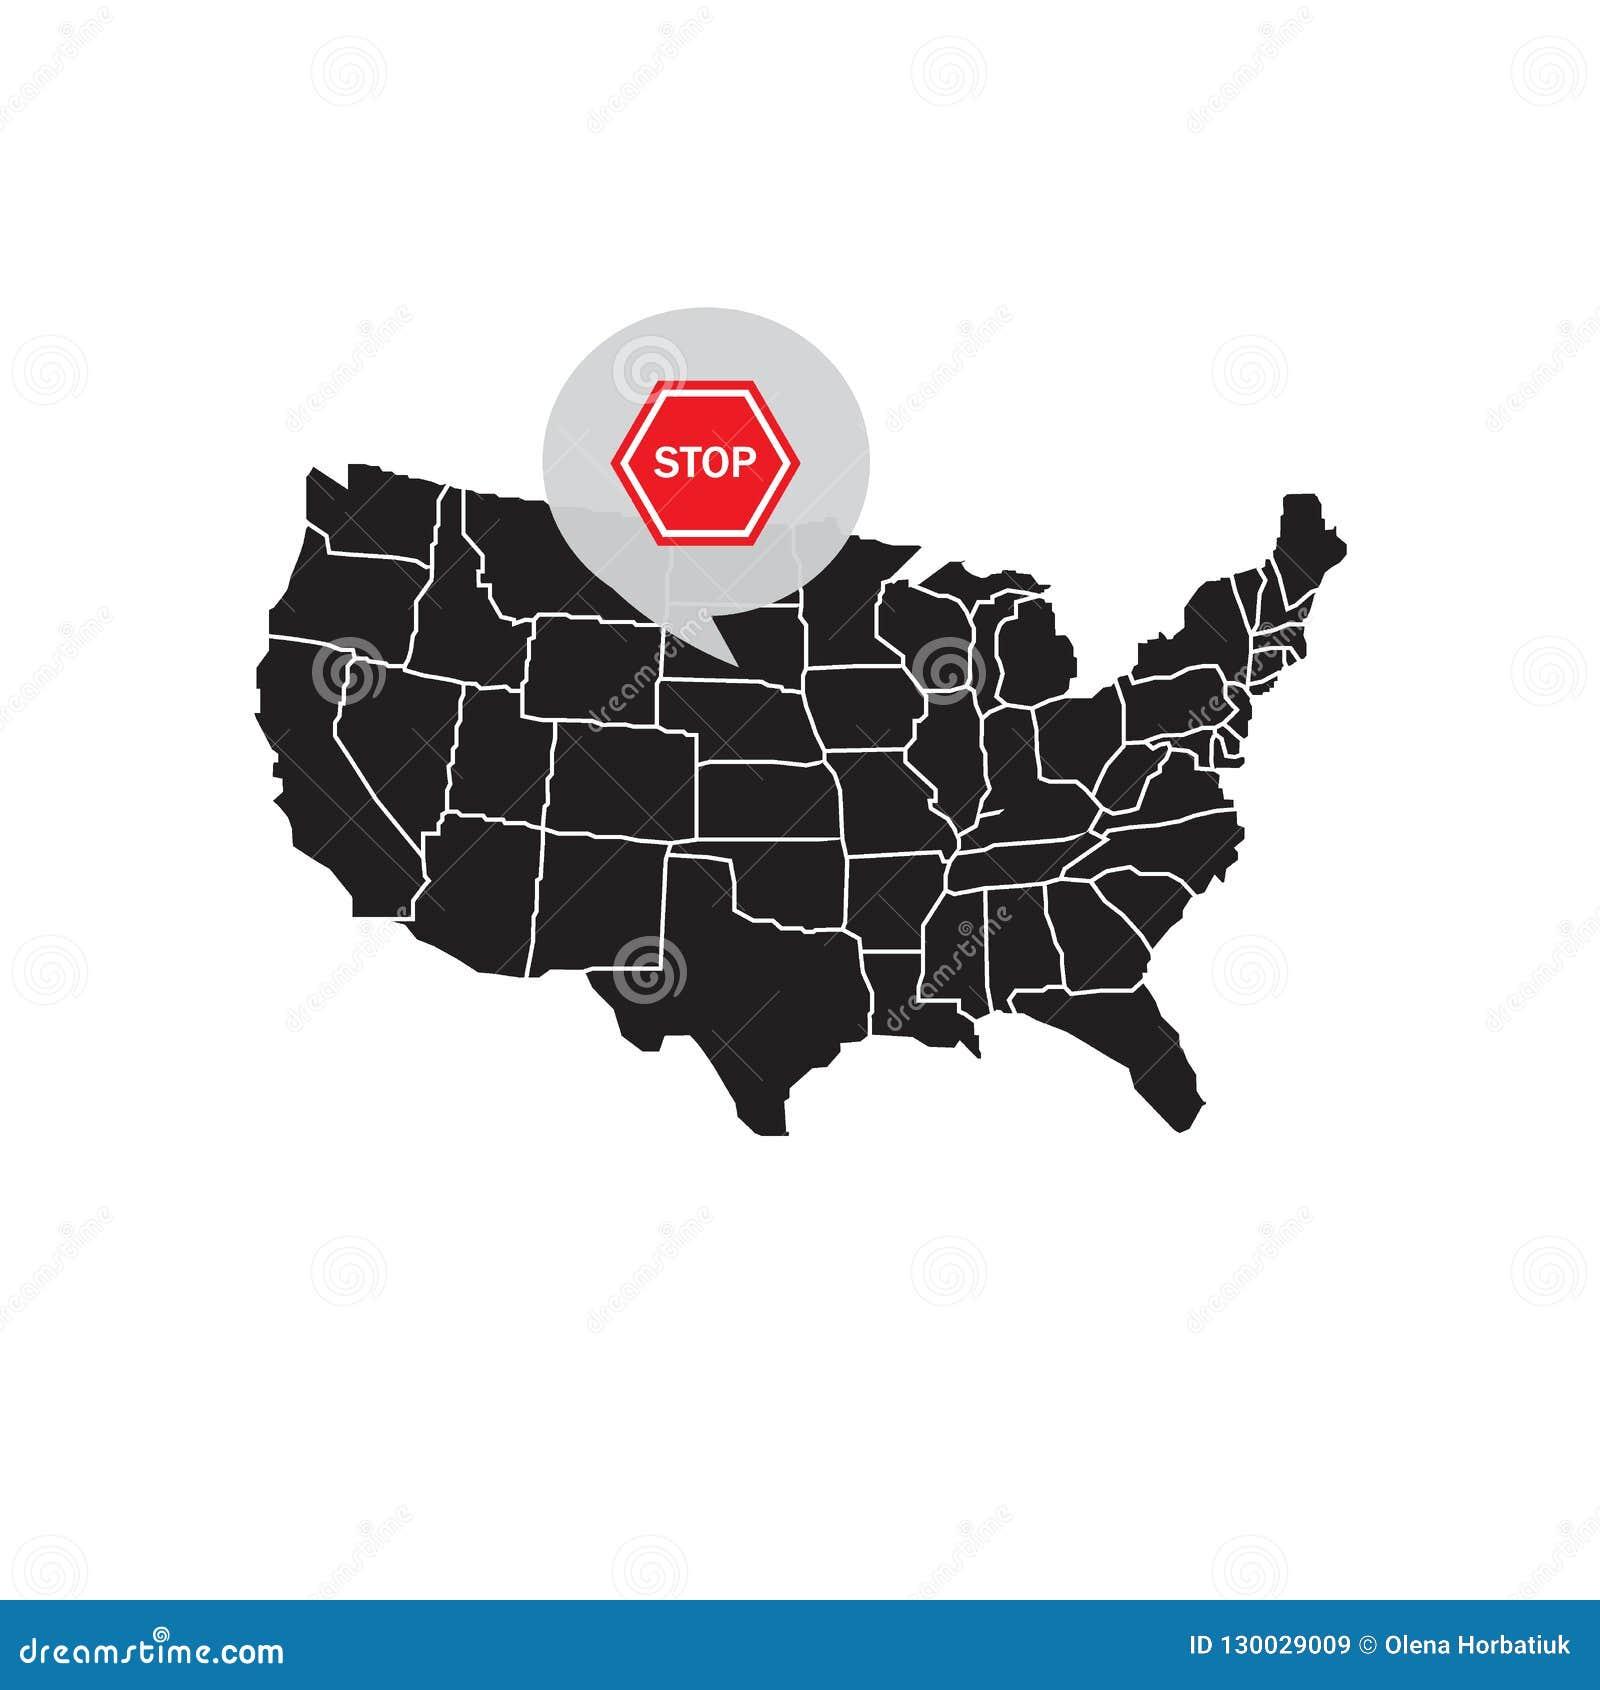 Översikt av Förenta staterna Amerika med en stoppsignal